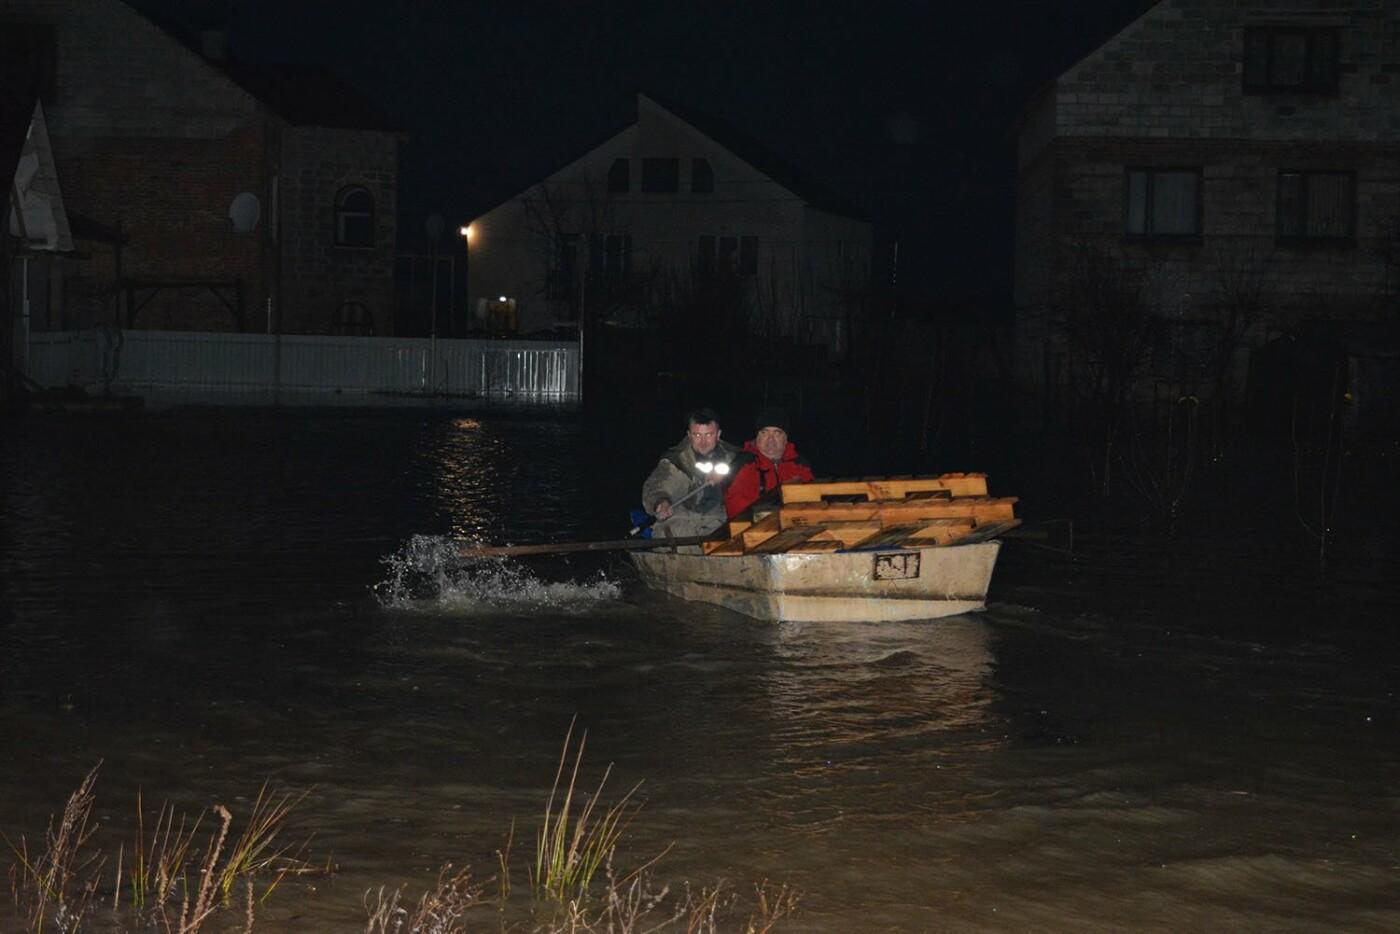 Ситуація стабілізувалася: на Закарпатті човнами евакуювали людей, постраждалих від паводку (ФОТО, ВІДЕО), фото-2